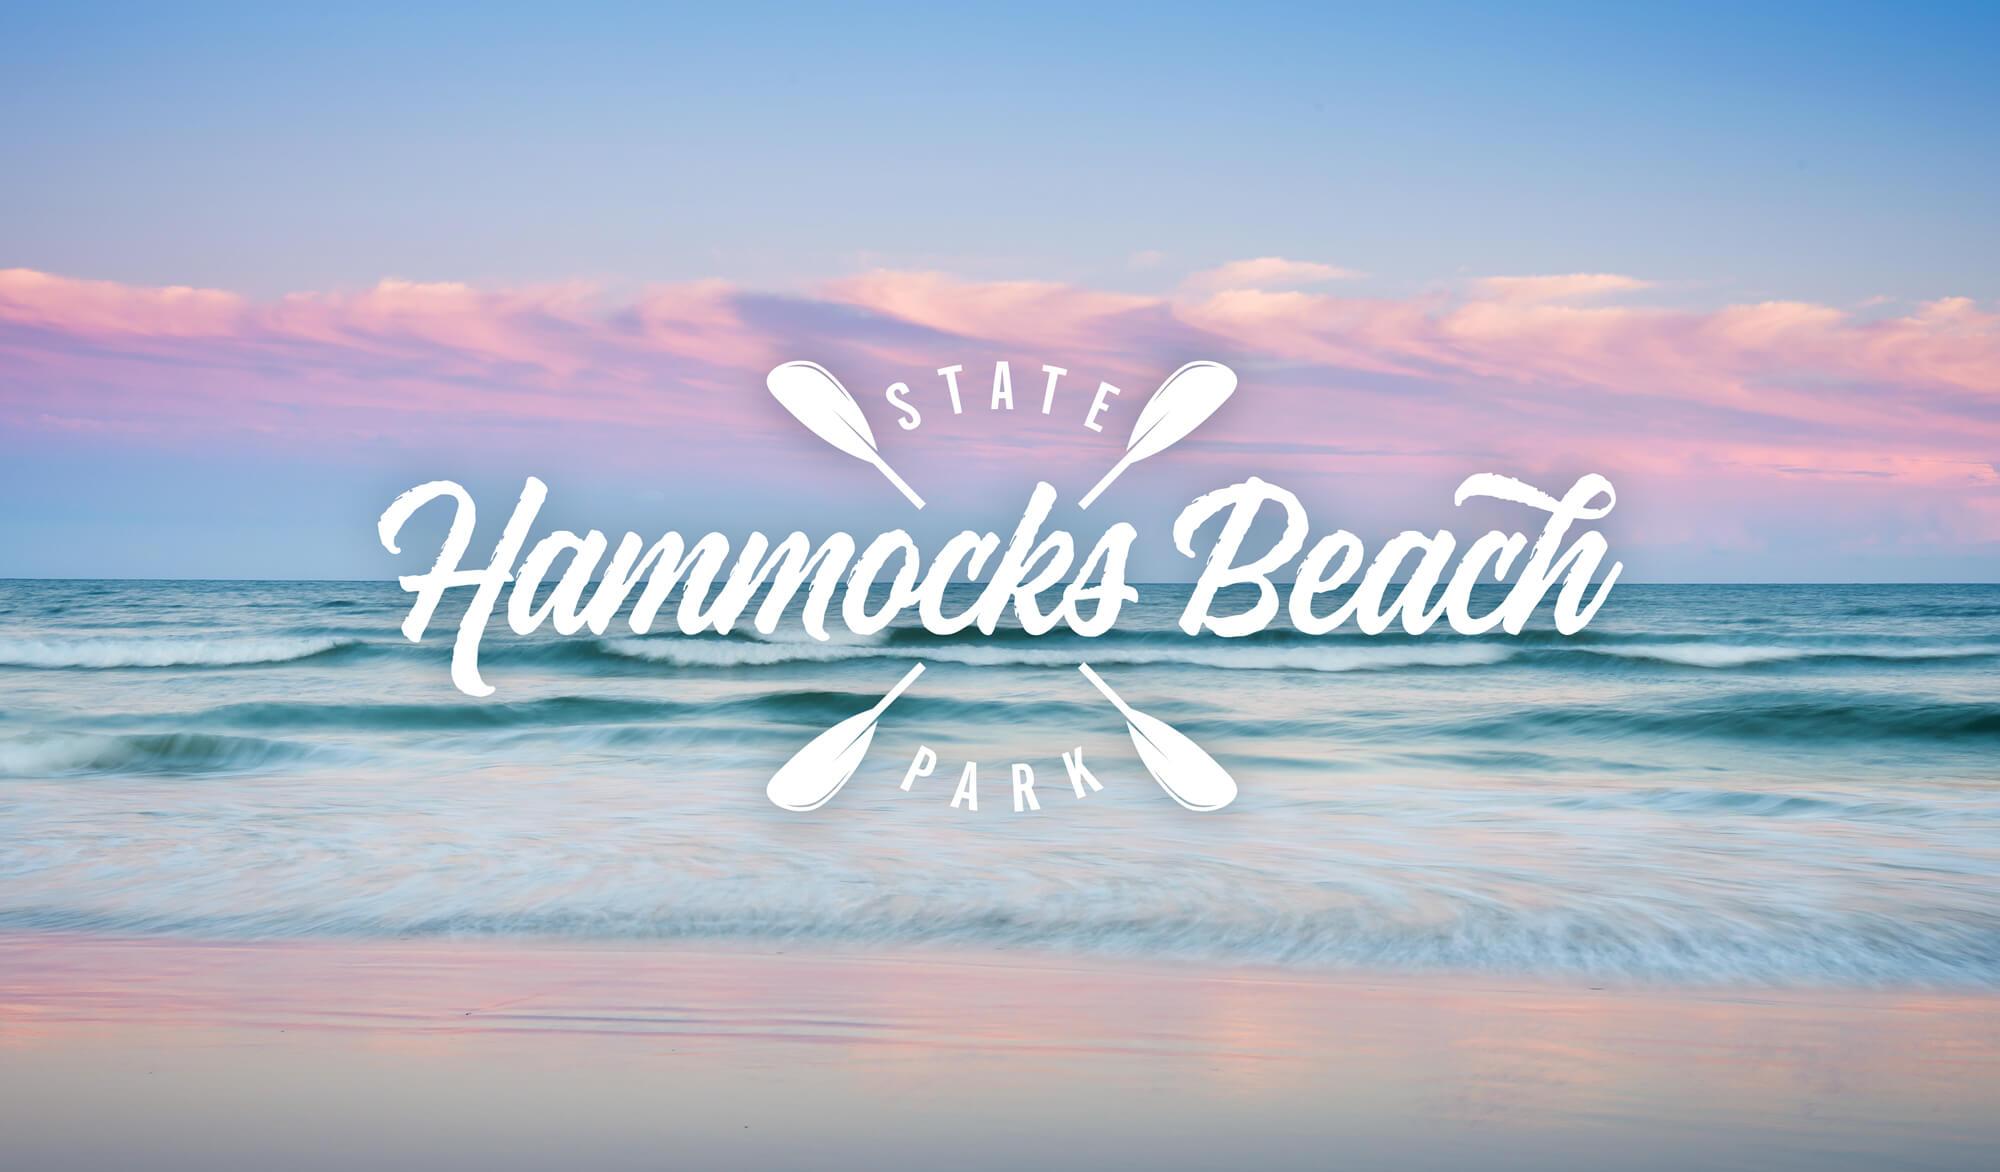 Hammocks Beach State Park